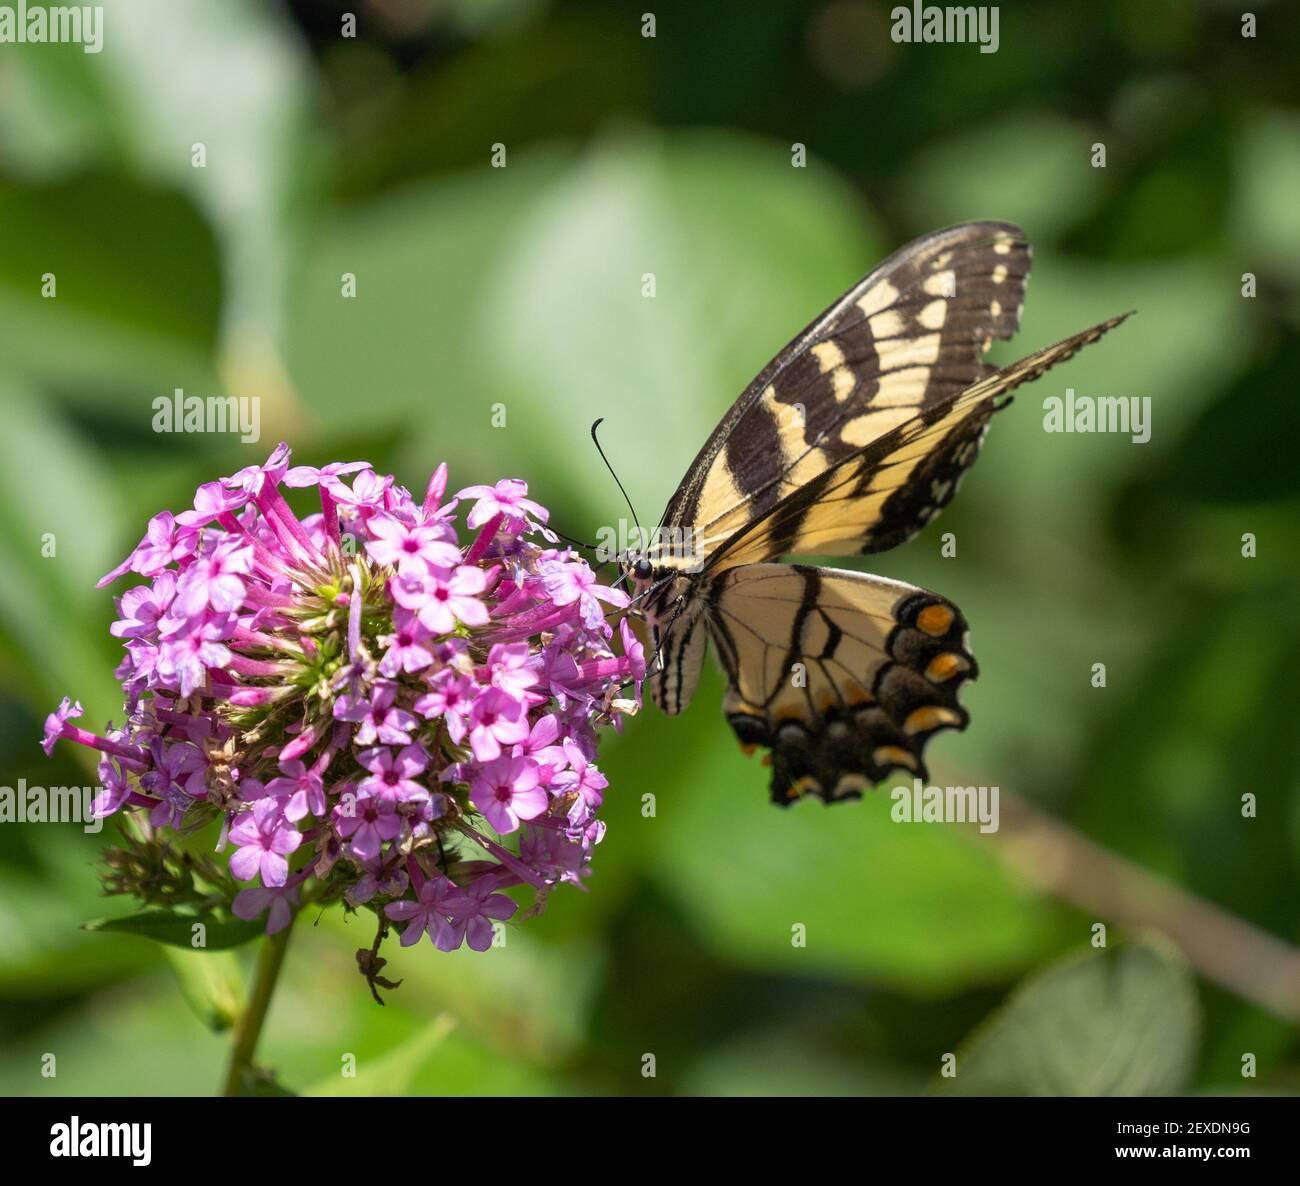 Beautiful Tiger Swallowtail butterfly  feeding on purple flower in summer garden. Stock Photo